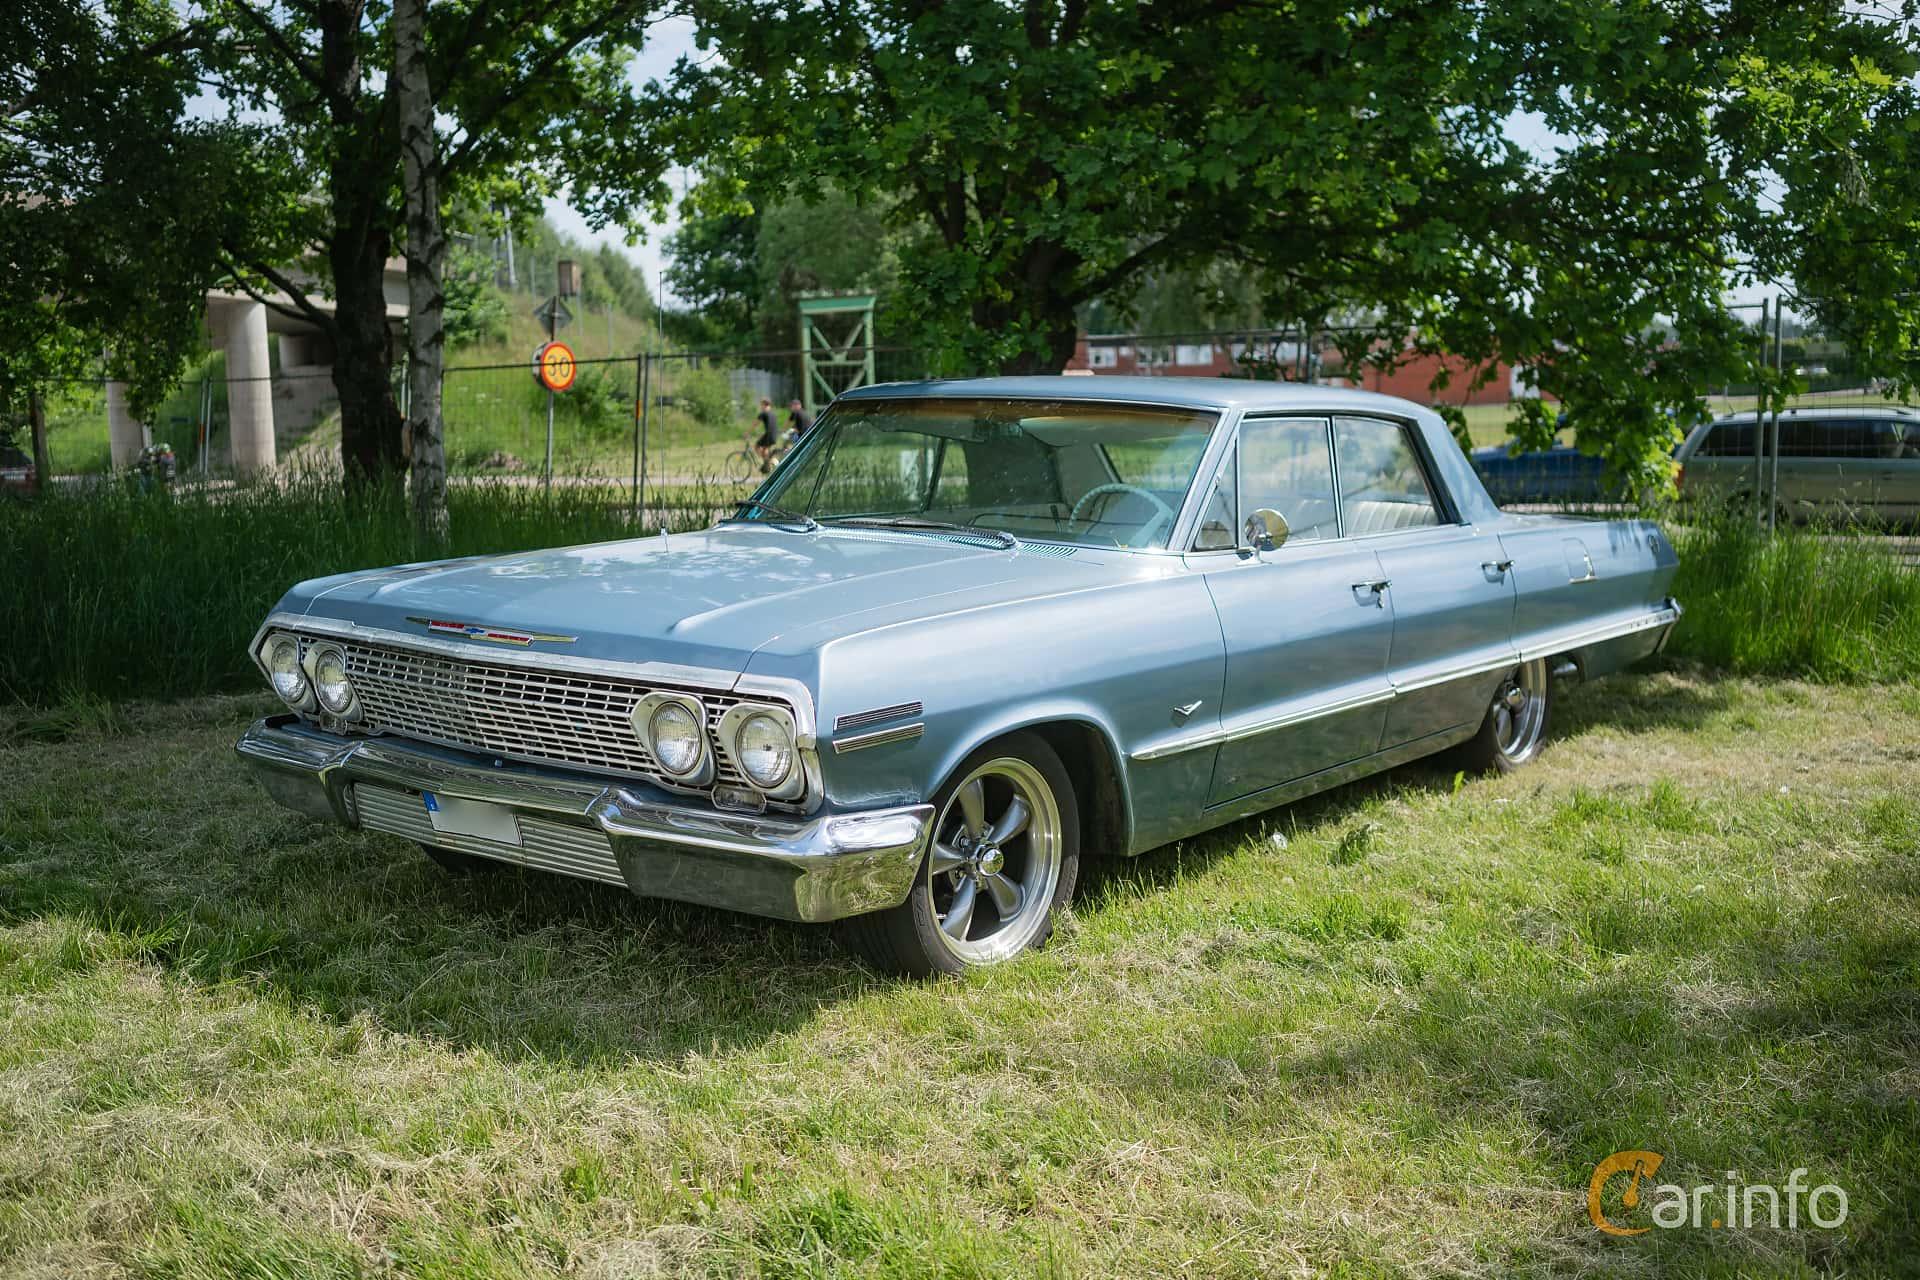 Chevrolet Impala Sport Sedan 4.6 V8 Powerglide, 198hp, 1963 at Hässleholm Power Start of Summer Meet 2018